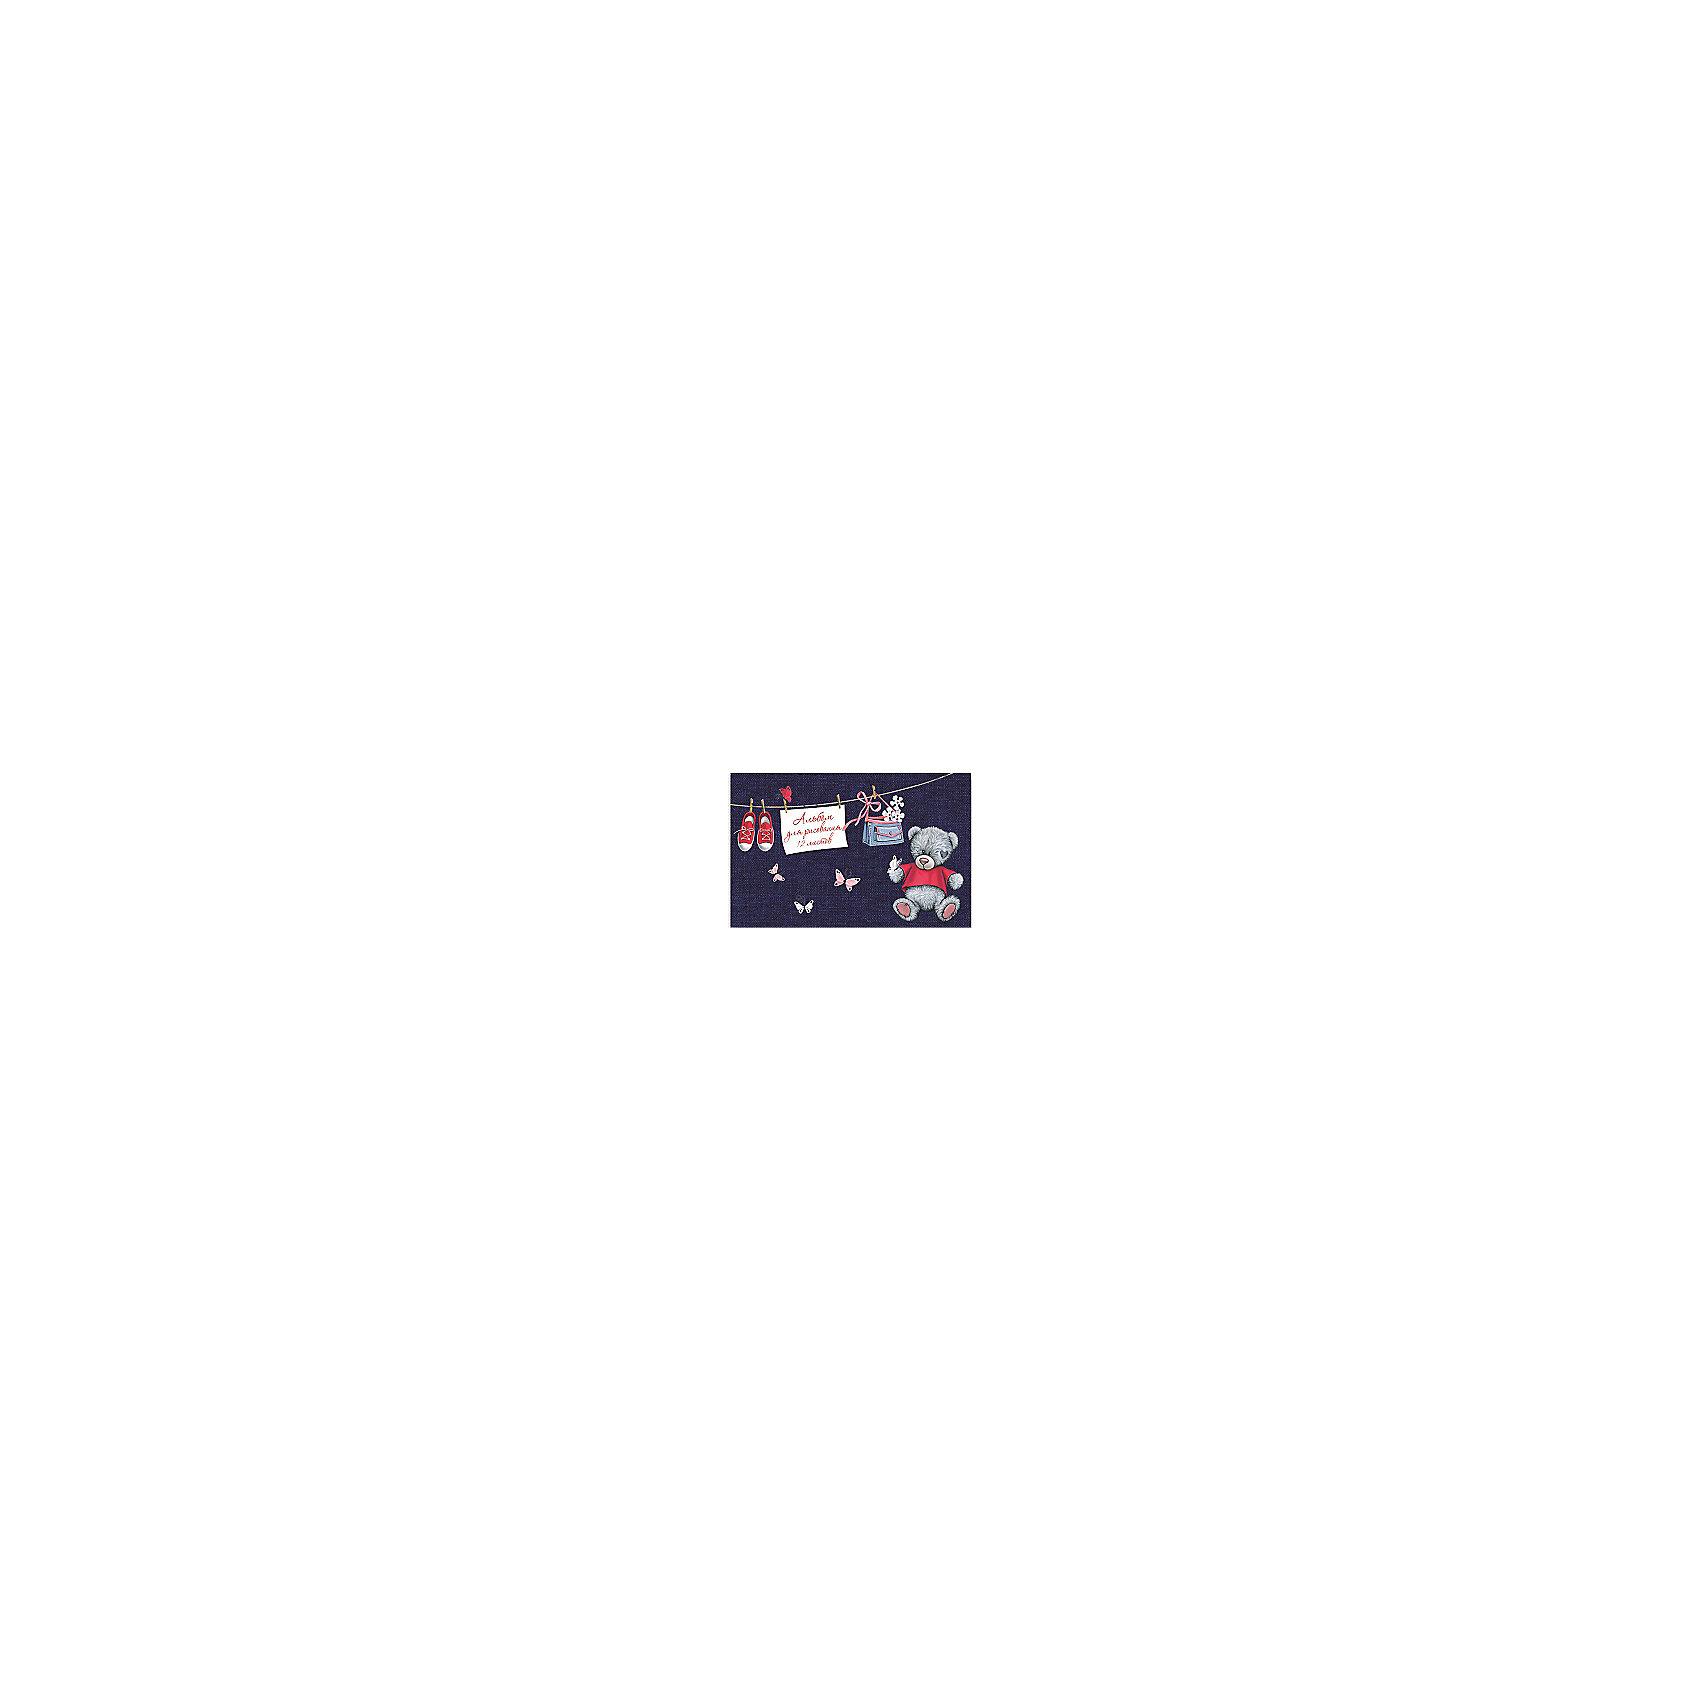 Альбом для рисования Мишка на джинсе, 12лБумажная продукция<br>Скоро 1 сентября, а значит Вашему ребенку обязательно понадобиться альбом для рисования!<br><br>Дополнительная информация:<br><br>- Возраст: от 3 лет.<br>- 12 листов.<br>- Формат: А4.<br>- Материал: бумага, картон.<br>- Размер упаковки: 29х20,5х0,3 см.<br>- Вес в упаковке: 108 г.<br><br>Купить альбом для рисования Мишка на джинсе можно в нашем магазине.<br><br>Ширина мм: 290<br>Глубина мм: 200<br>Высота мм: 3<br>Вес г: 108<br>Возраст от месяцев: 36<br>Возраст до месяцев: 2147483647<br>Пол: Унисекс<br>Возраст: Детский<br>SKU: 4943597